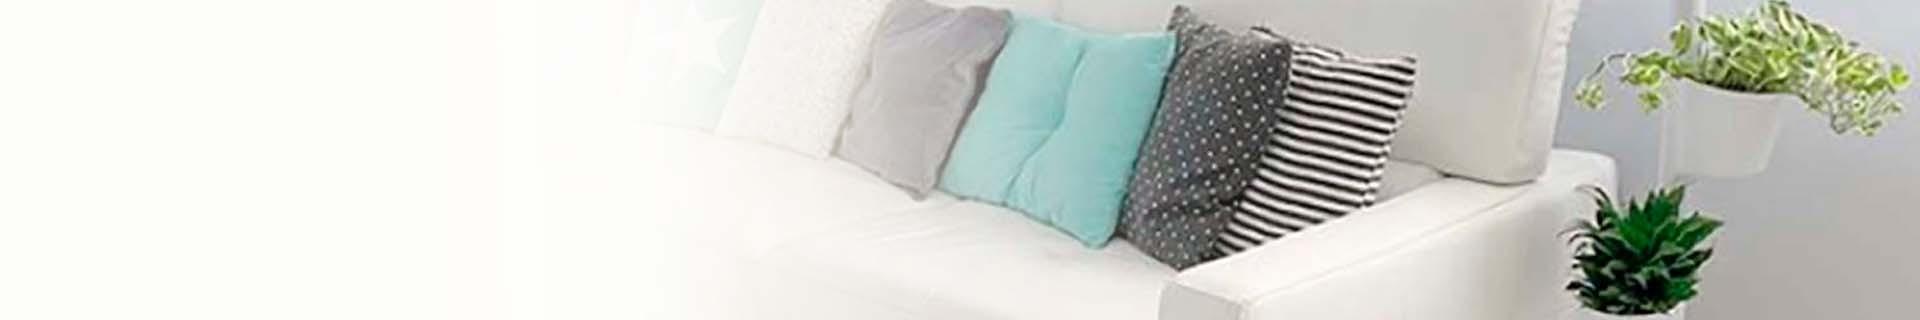 Jardinière verticale pour 5 plantes   CitySens